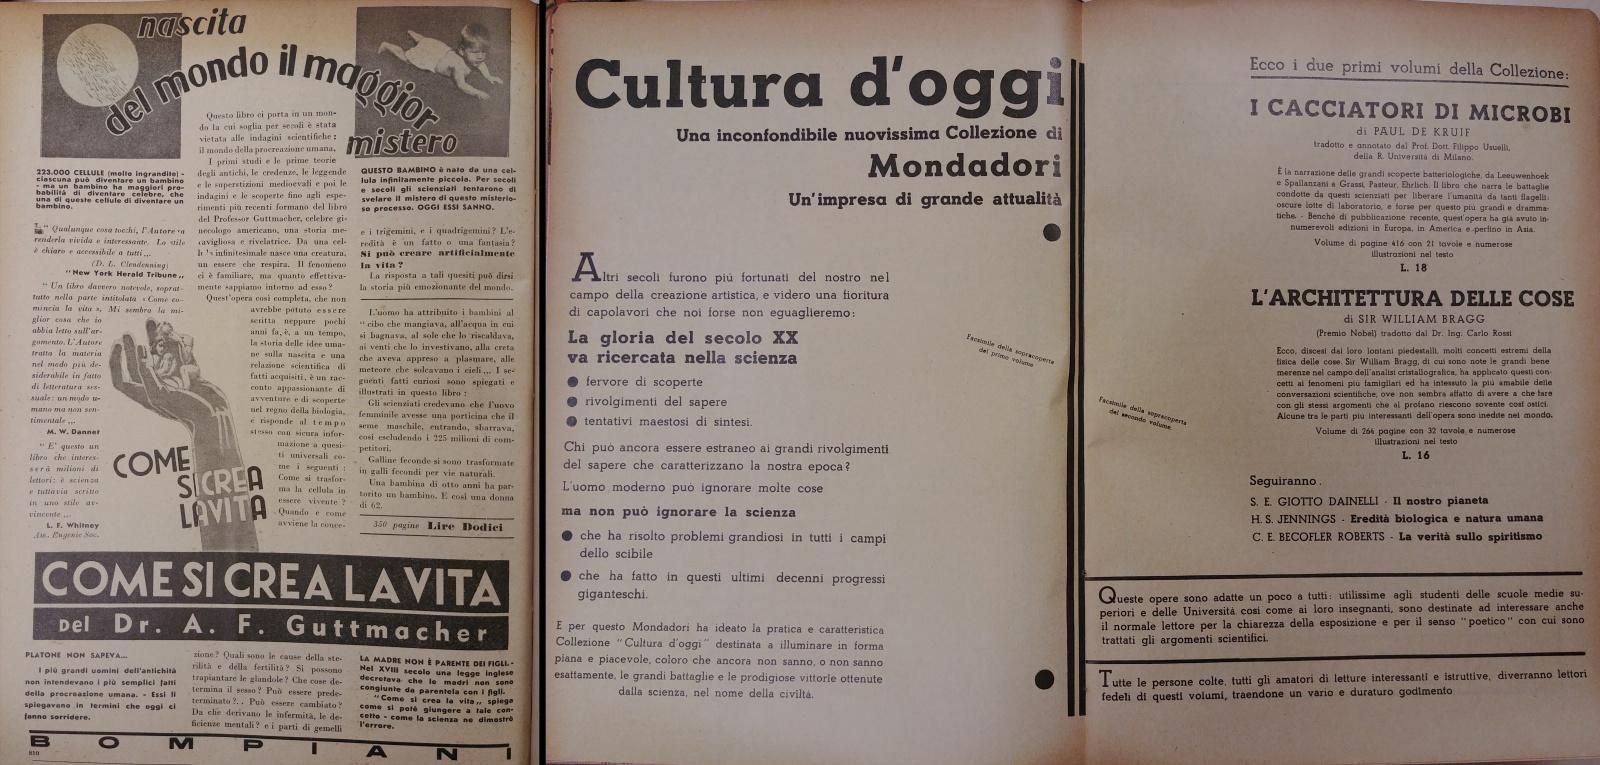 Libreria Per Libri Pesanti il giornale della libreria raccontato dalle immagini: 1934-38